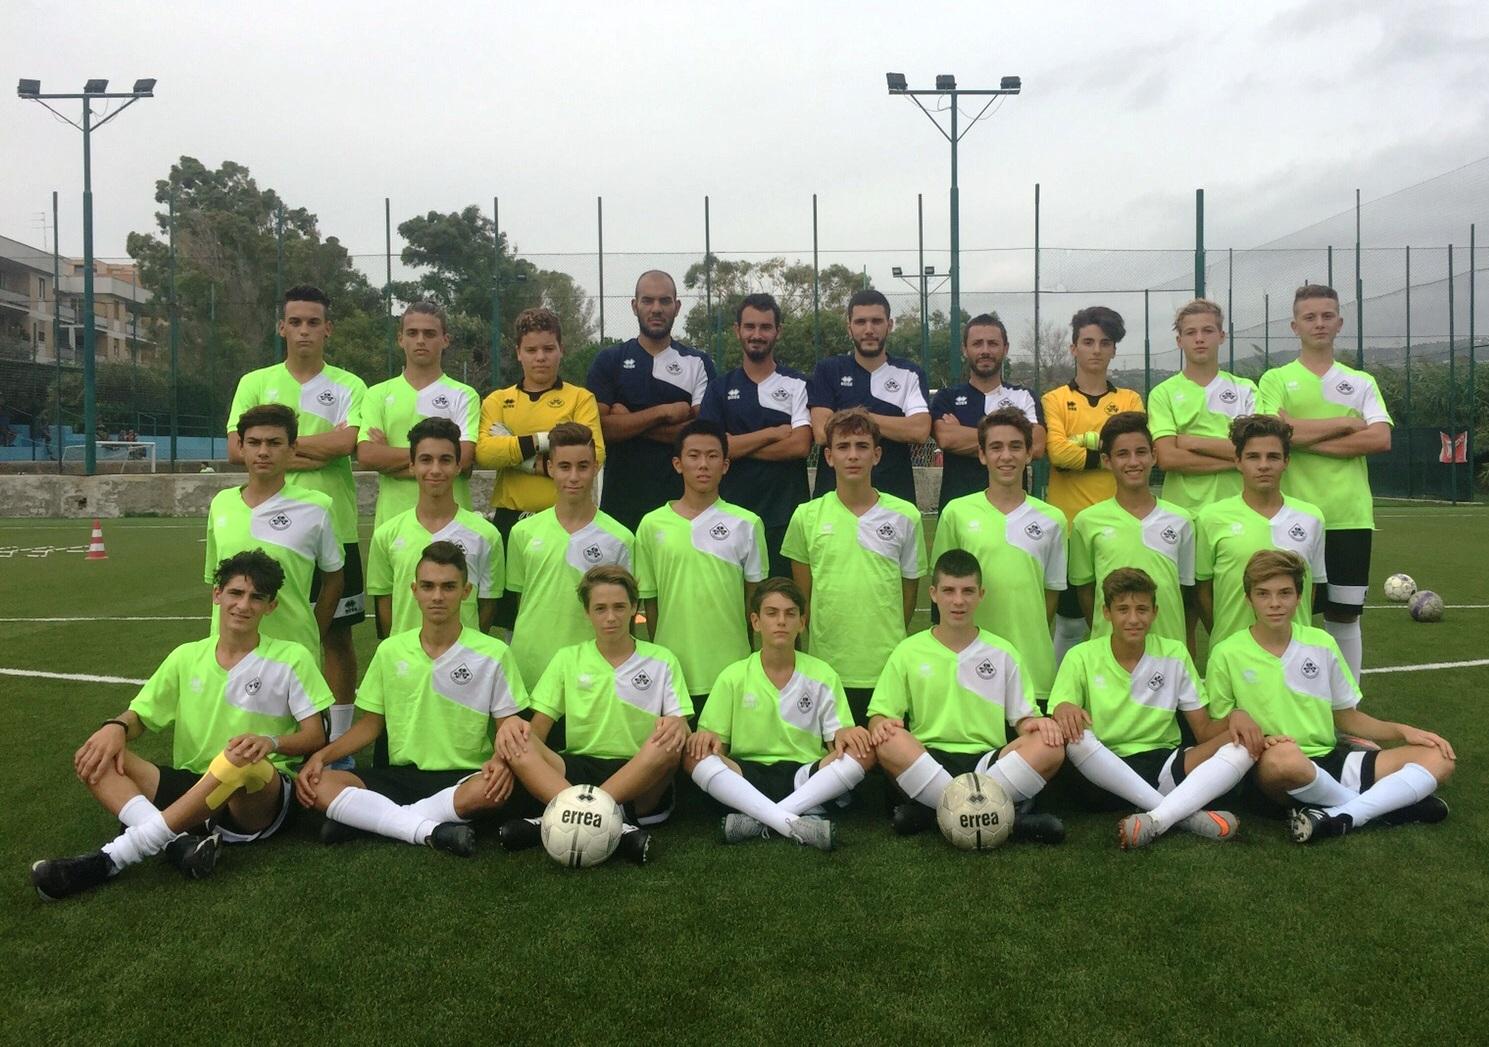 dlf Giovanissimi 2001_2016